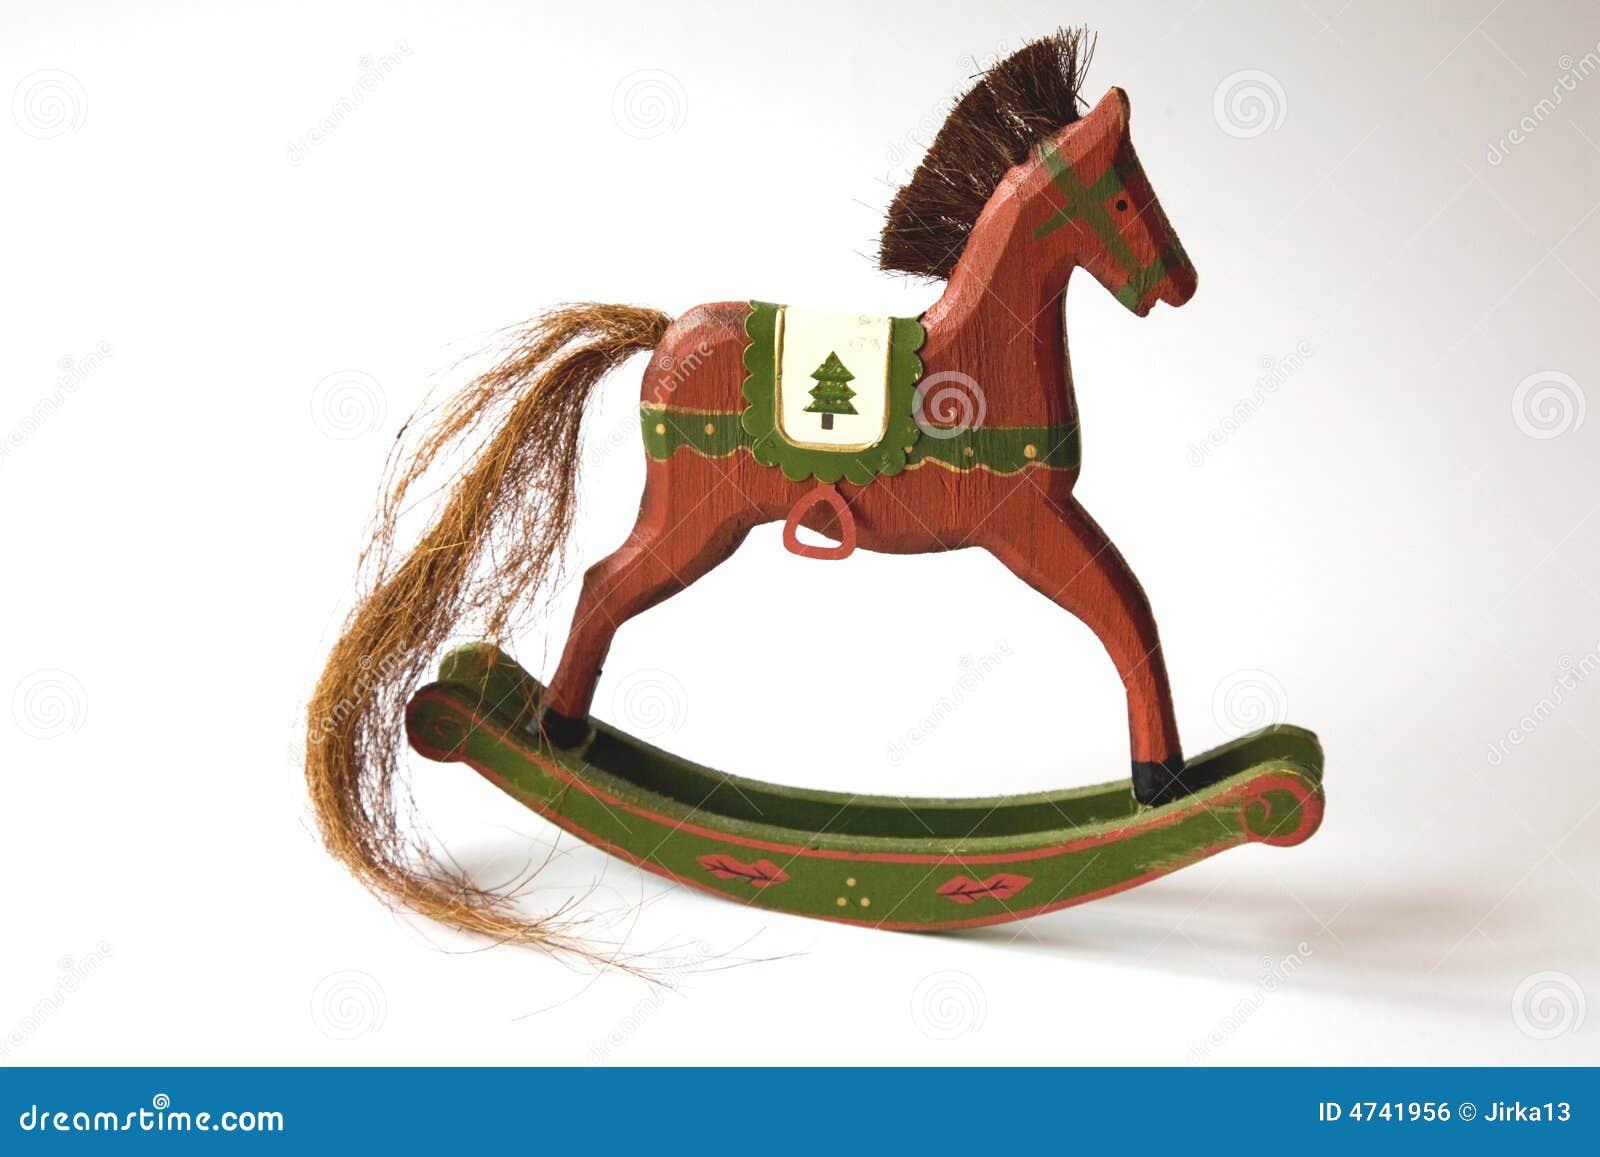 Rocking Horse Stock Photo Image Of Childish Decoration 4741956